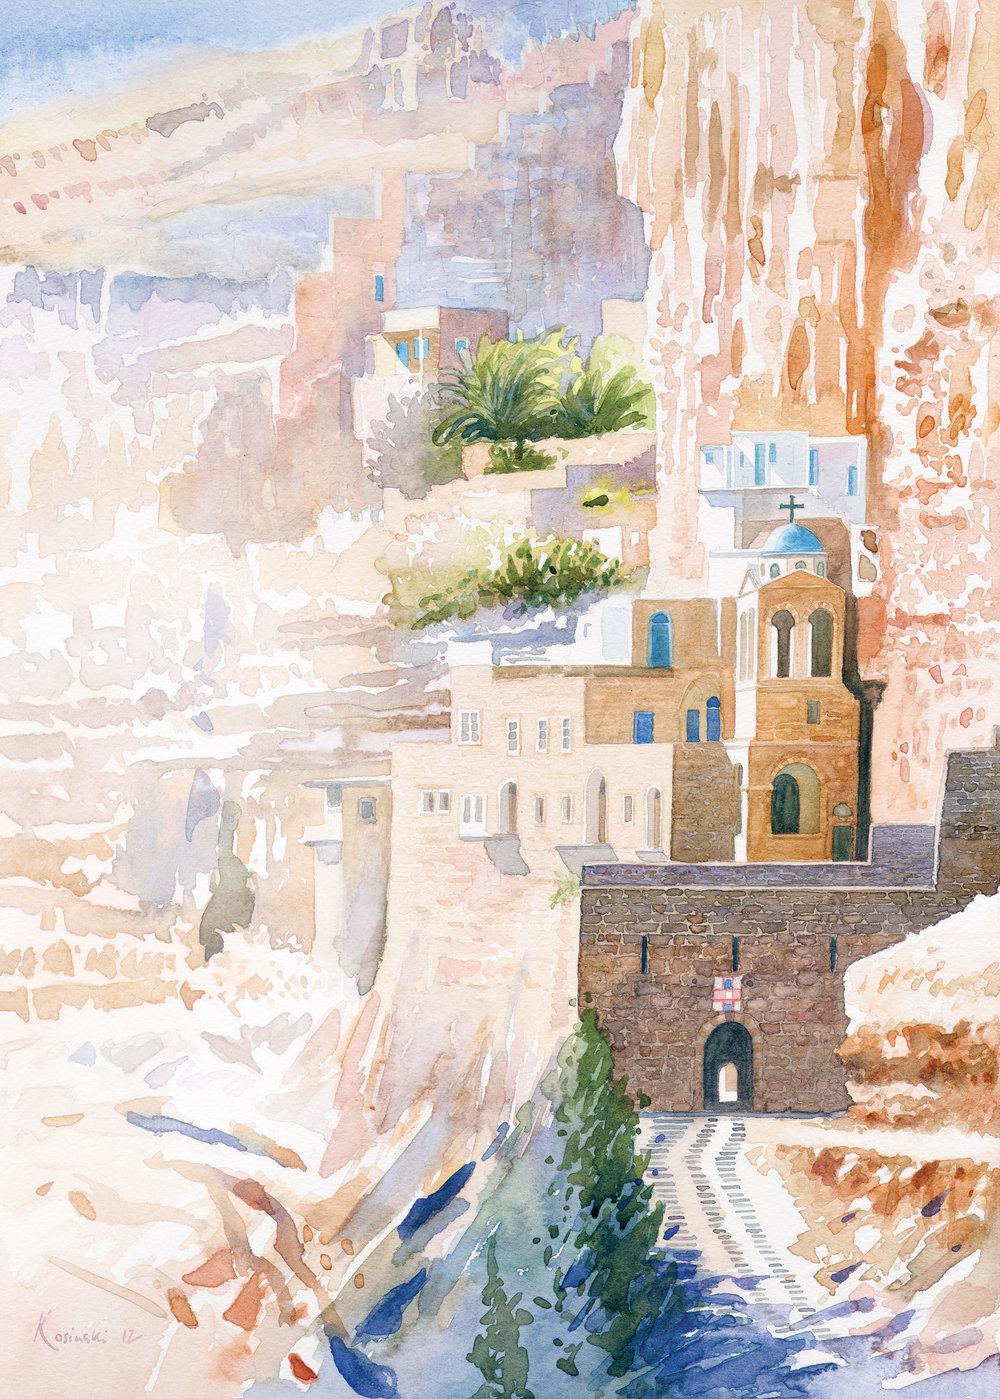 St. George's Monastery, Wadi Rum